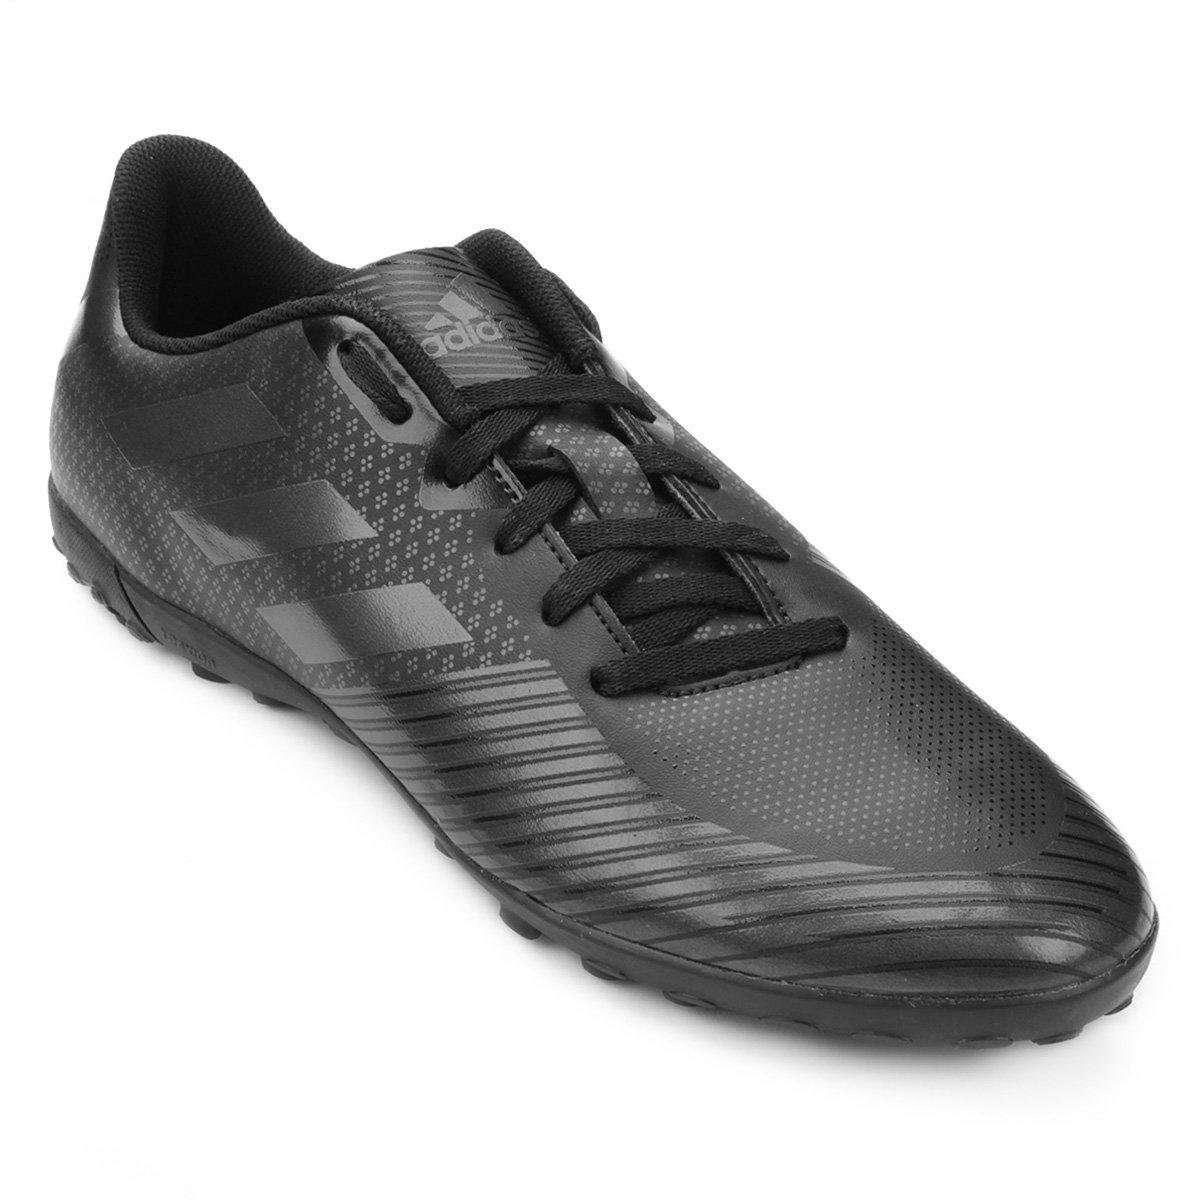 Chuteira Society Adidas Artilheira 18 TF - Preto - Compre Agora ... d3c0de40658bc